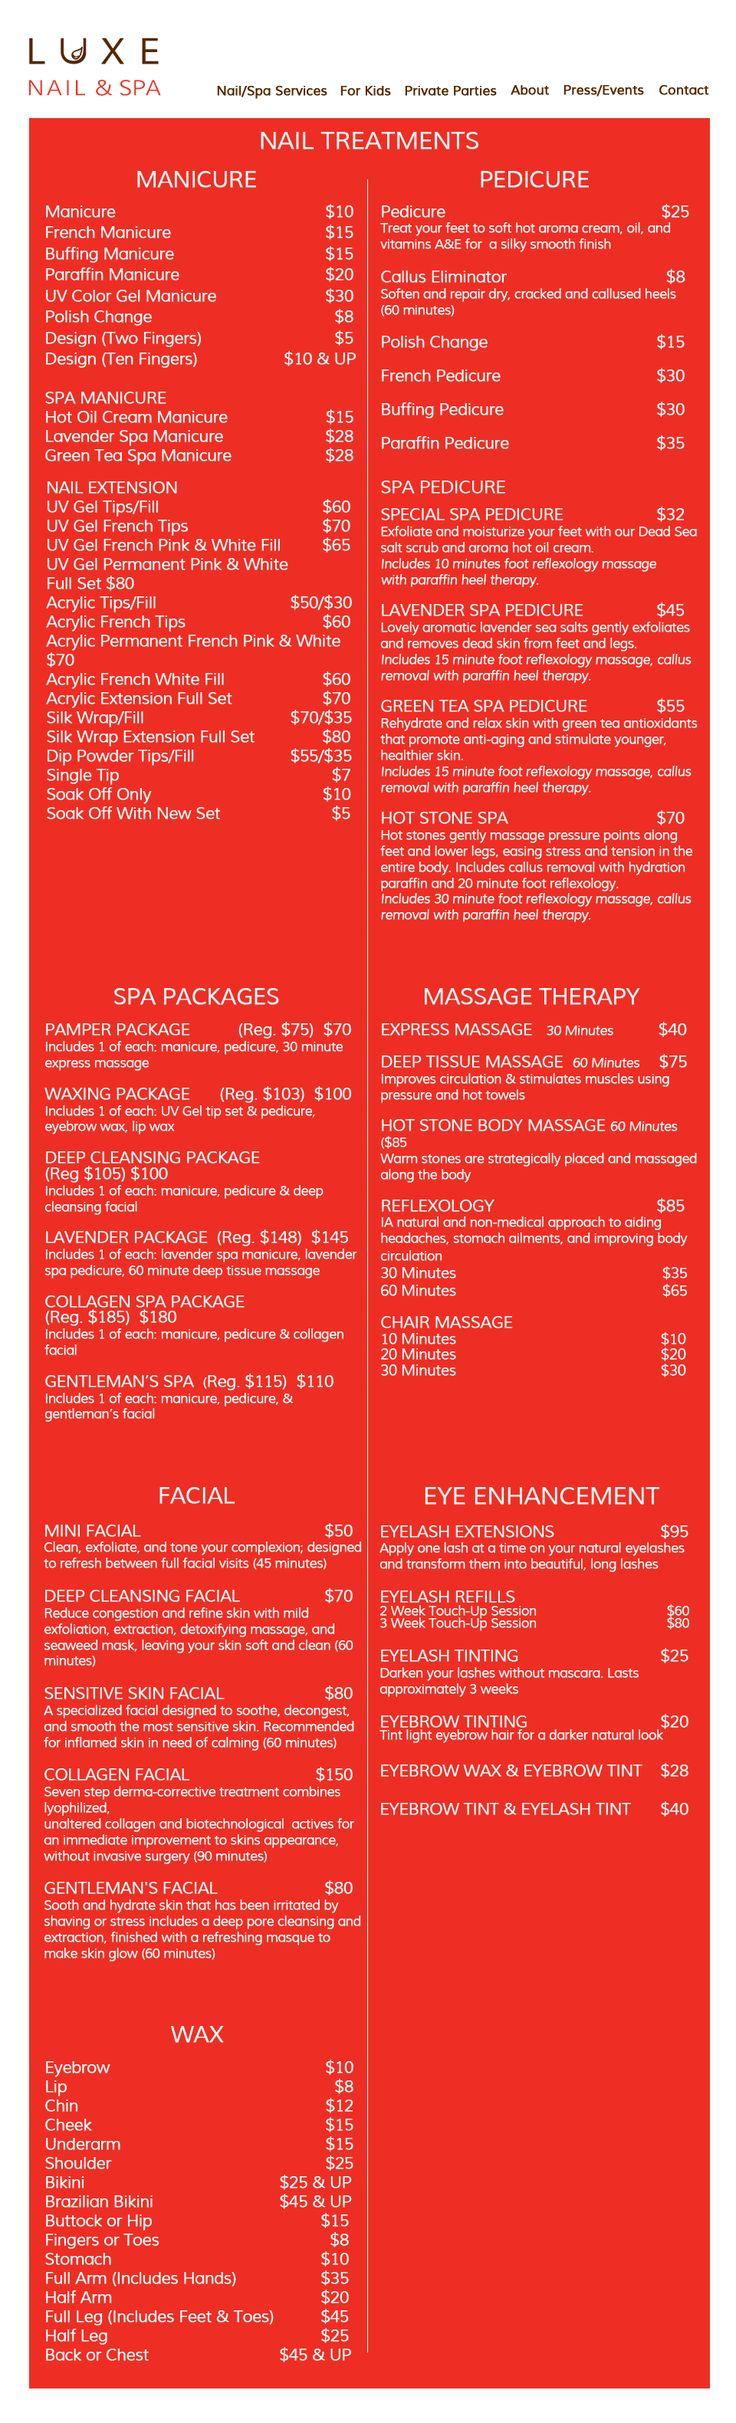 Facial spa services